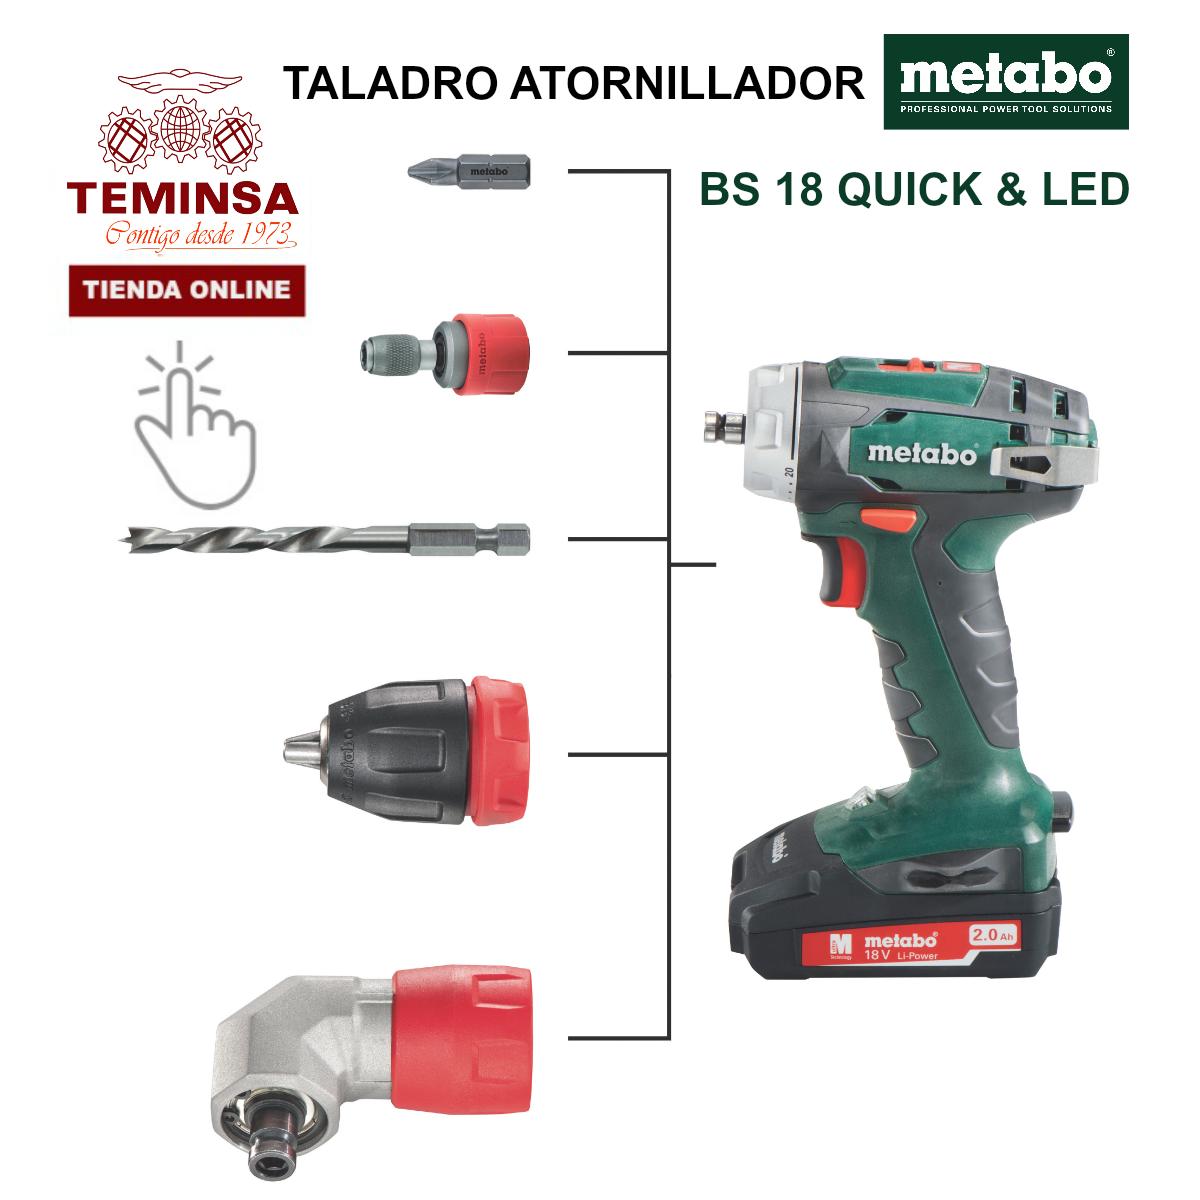 Taladro Atornillador Metabo